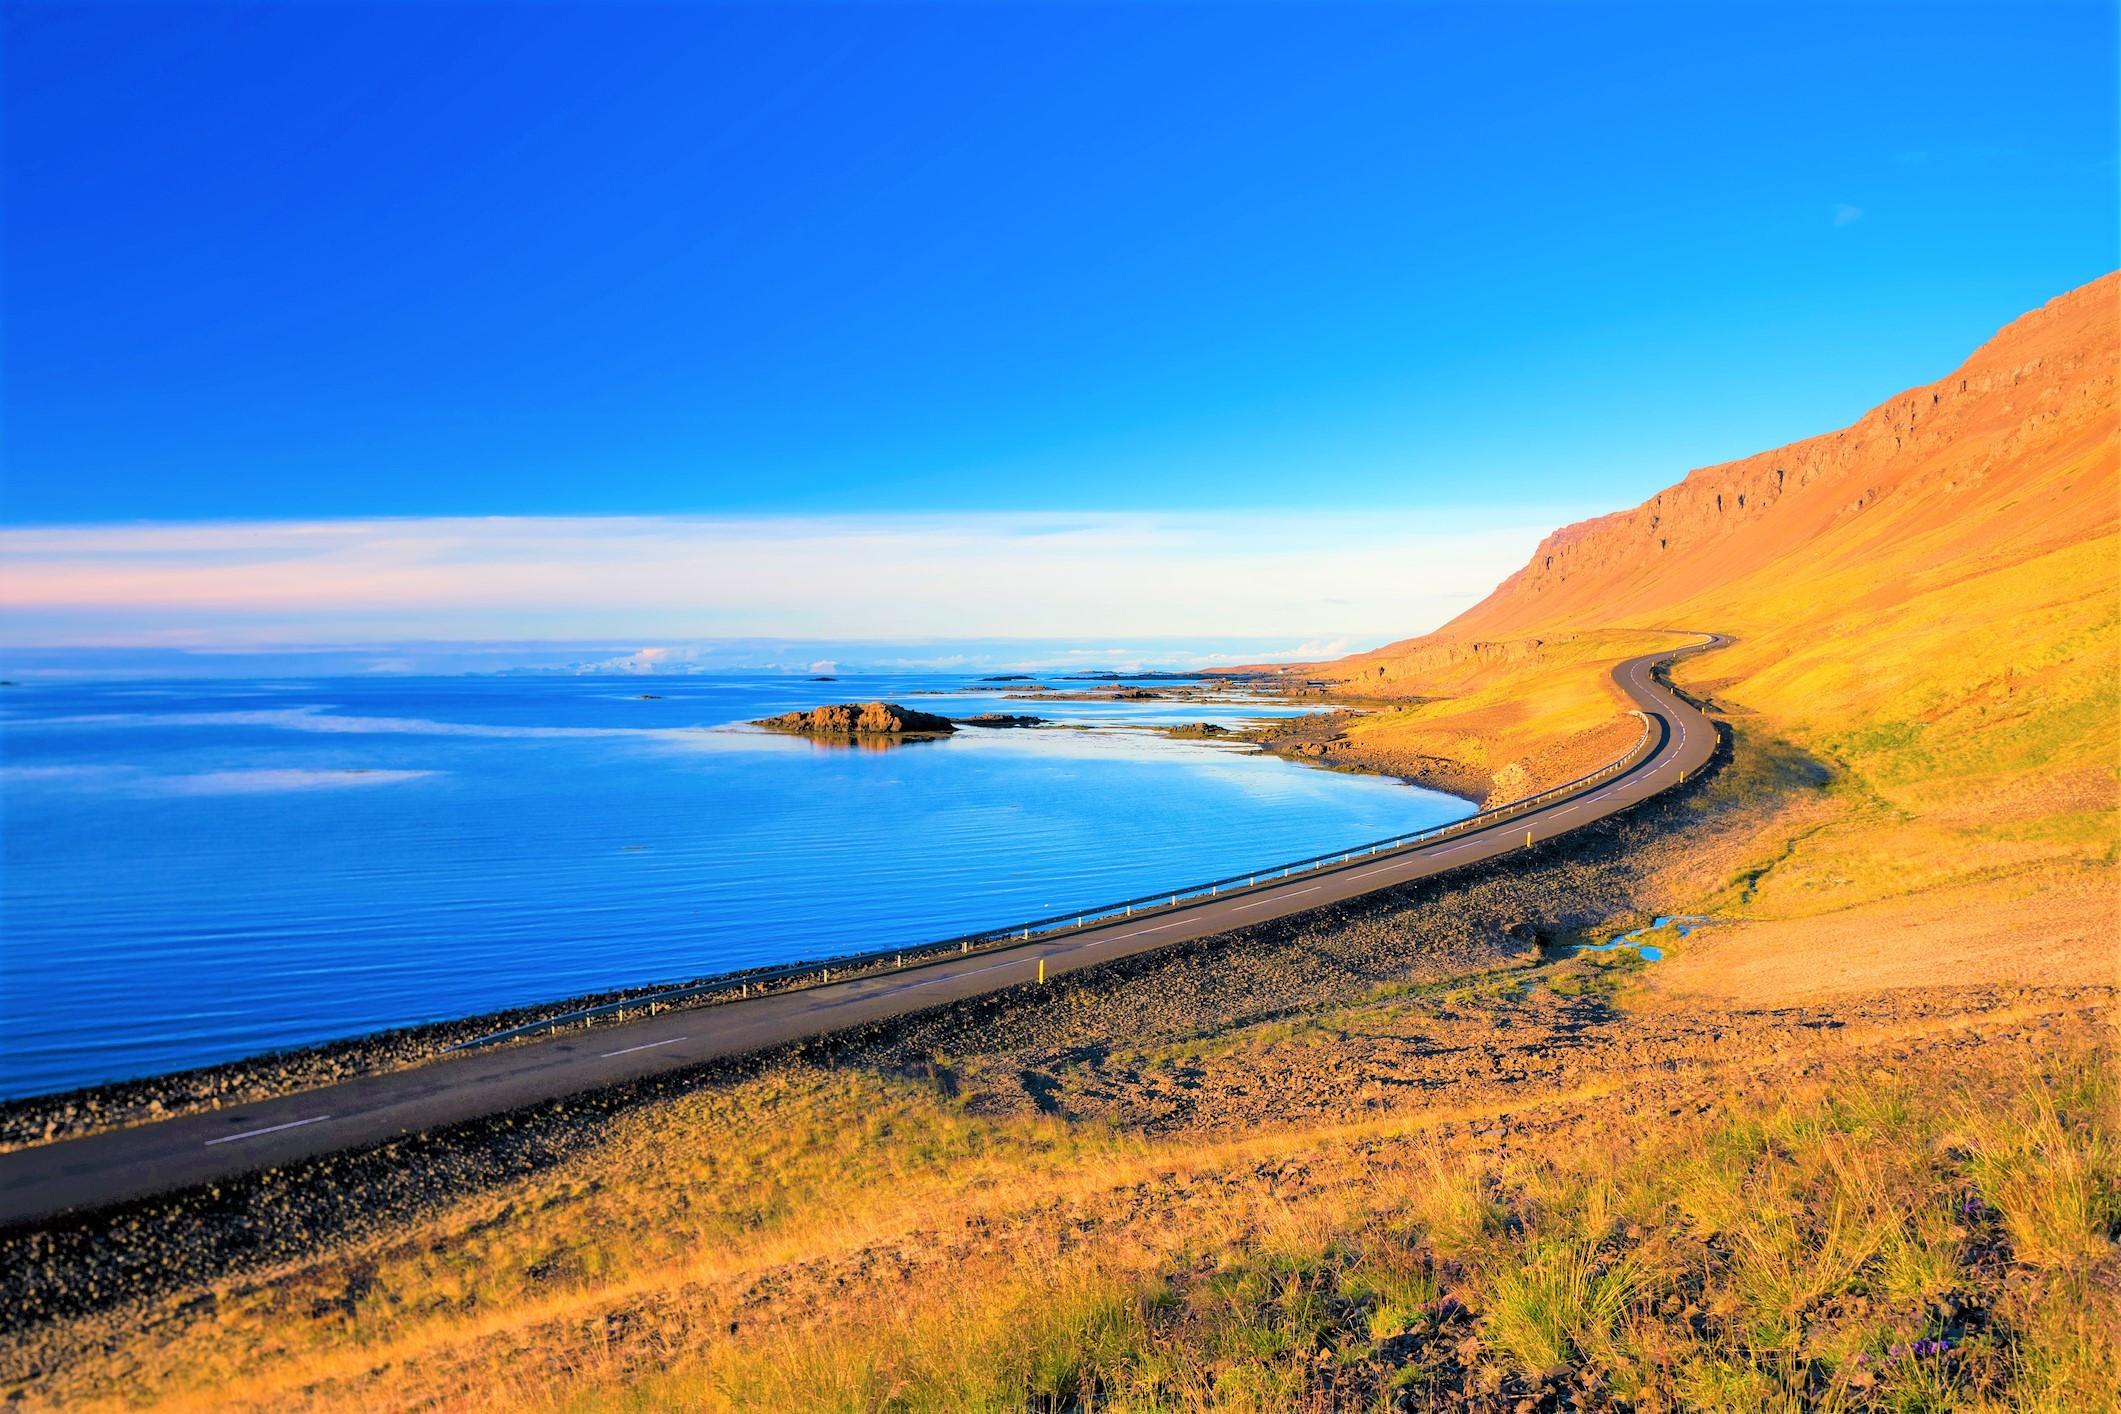 Viaje pelas estradas mais longas do planeta